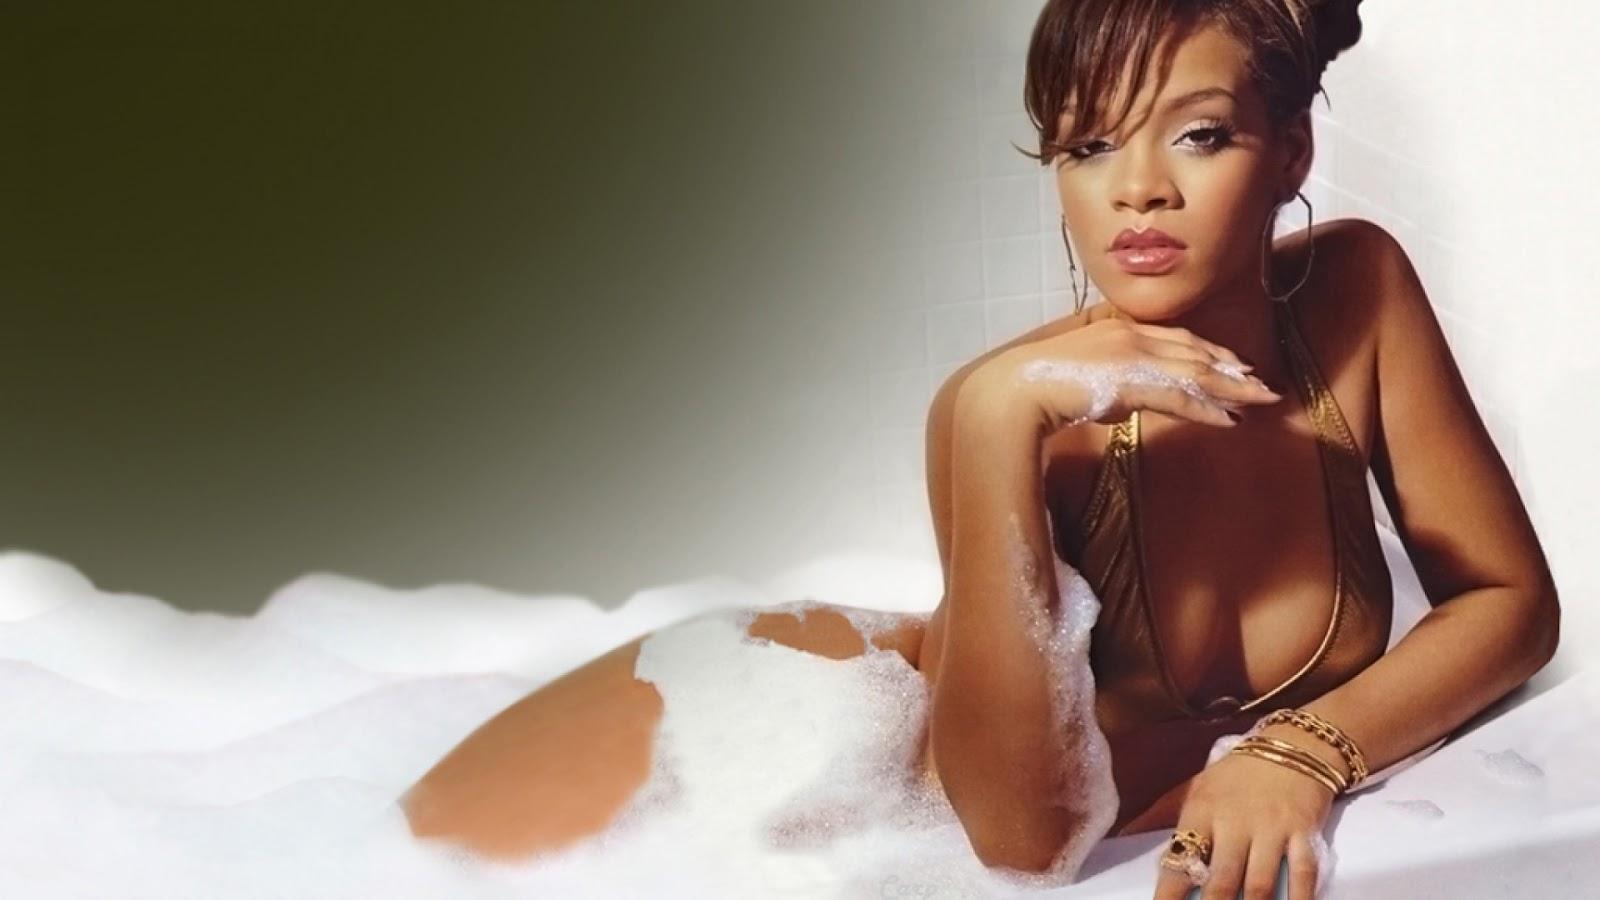 http://4.bp.blogspot.com/-pOLvZ2zV170/UKyq1l97DgI/AAAAAAAAD6U/GKQ1jiJRzwI/s1600/Rihanna+New+Hot+HD+Wallpaper+2012-2013+04.jpg